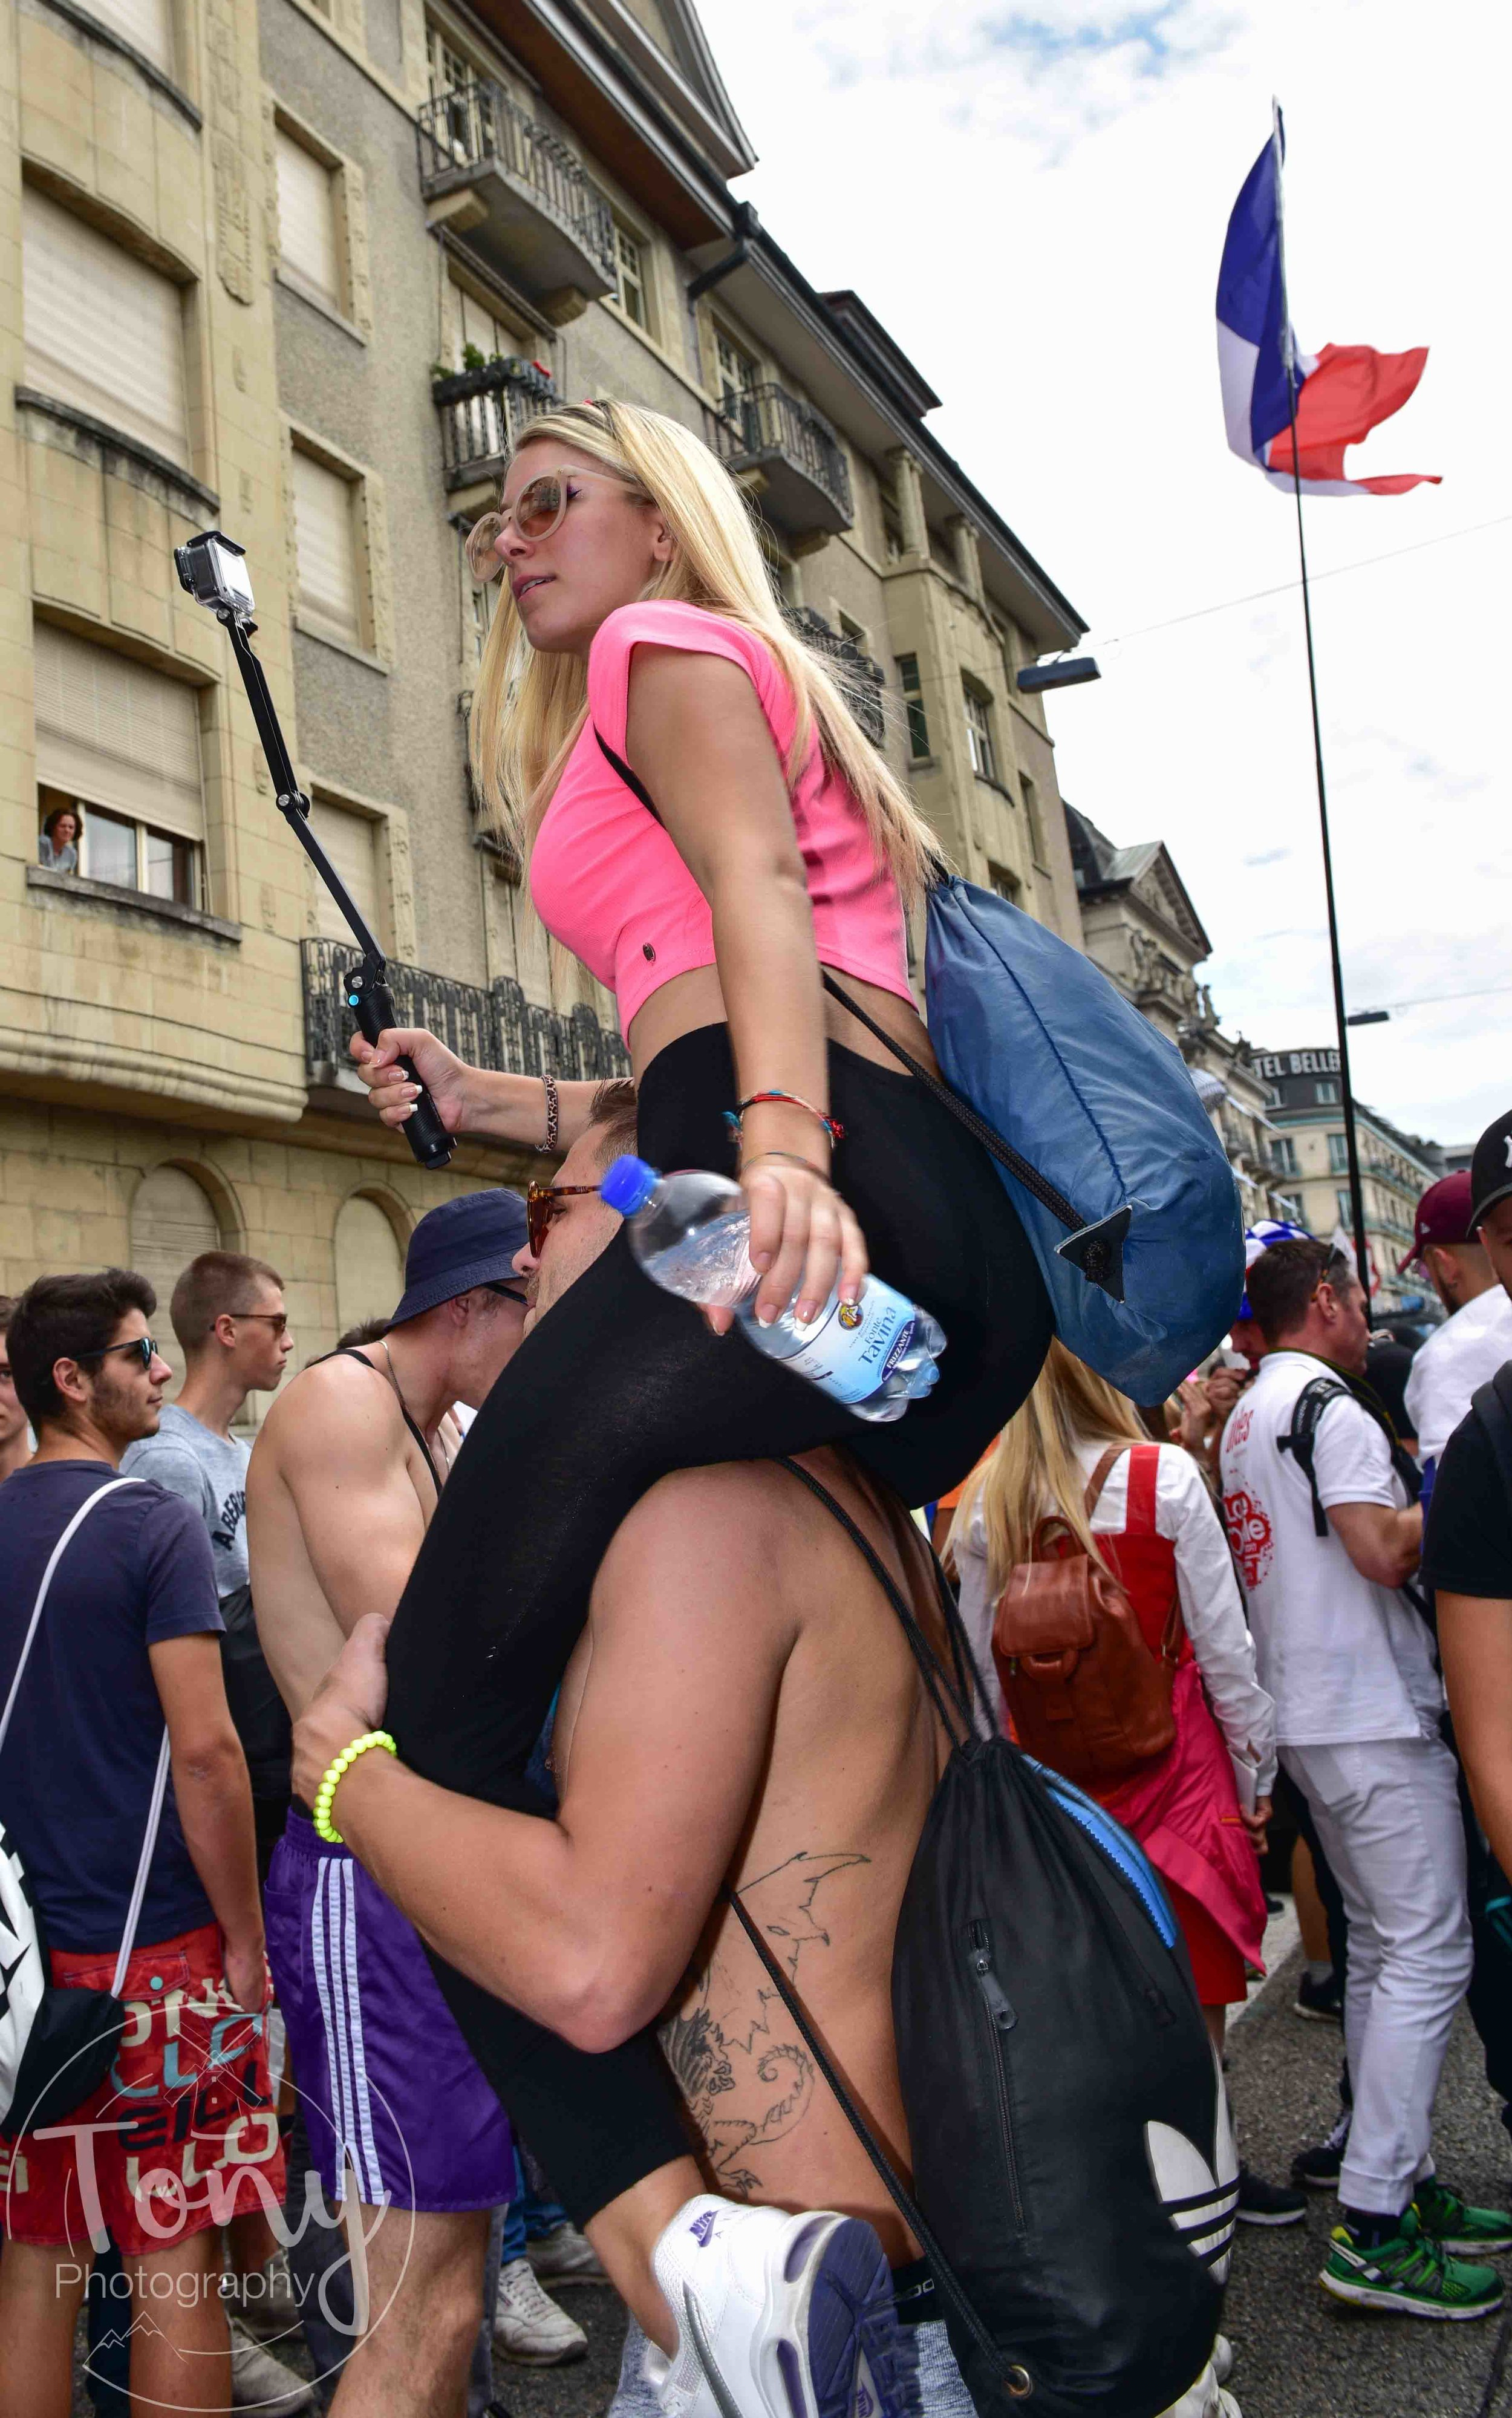 streetparade-77.jpg